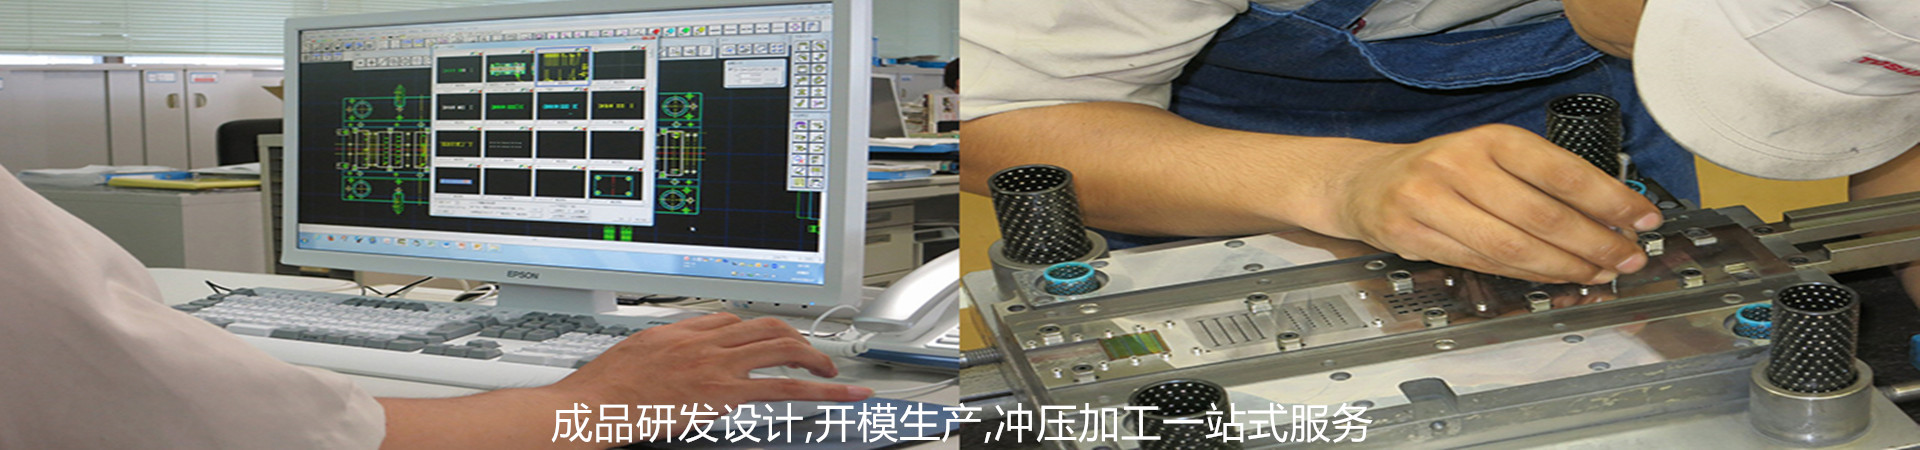 成品开发设计,开模生产,冲压加工一站式服务